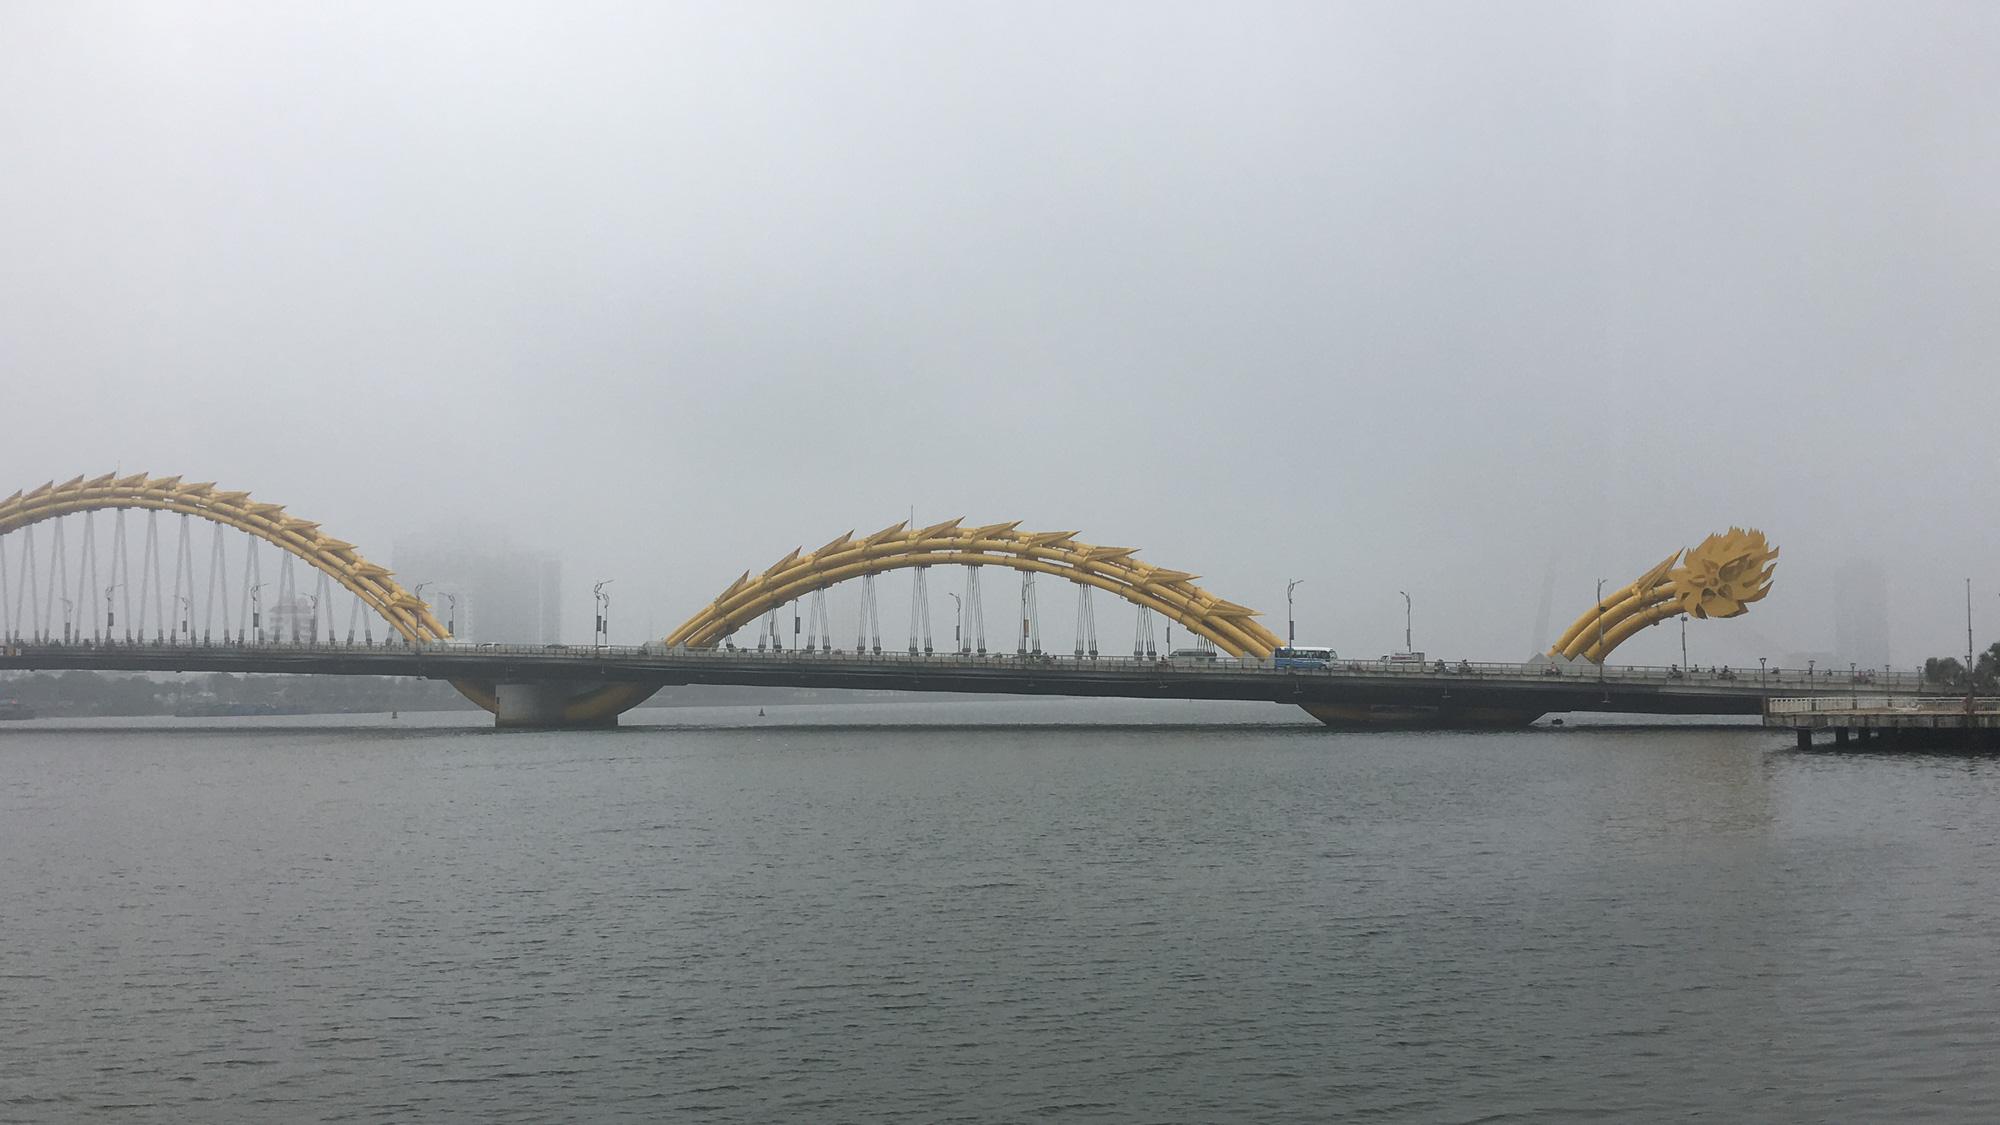 Đà Nẵng chìm trong sương mù dày đặc dù đã gần 9 giờ sáng - Ảnh 9.